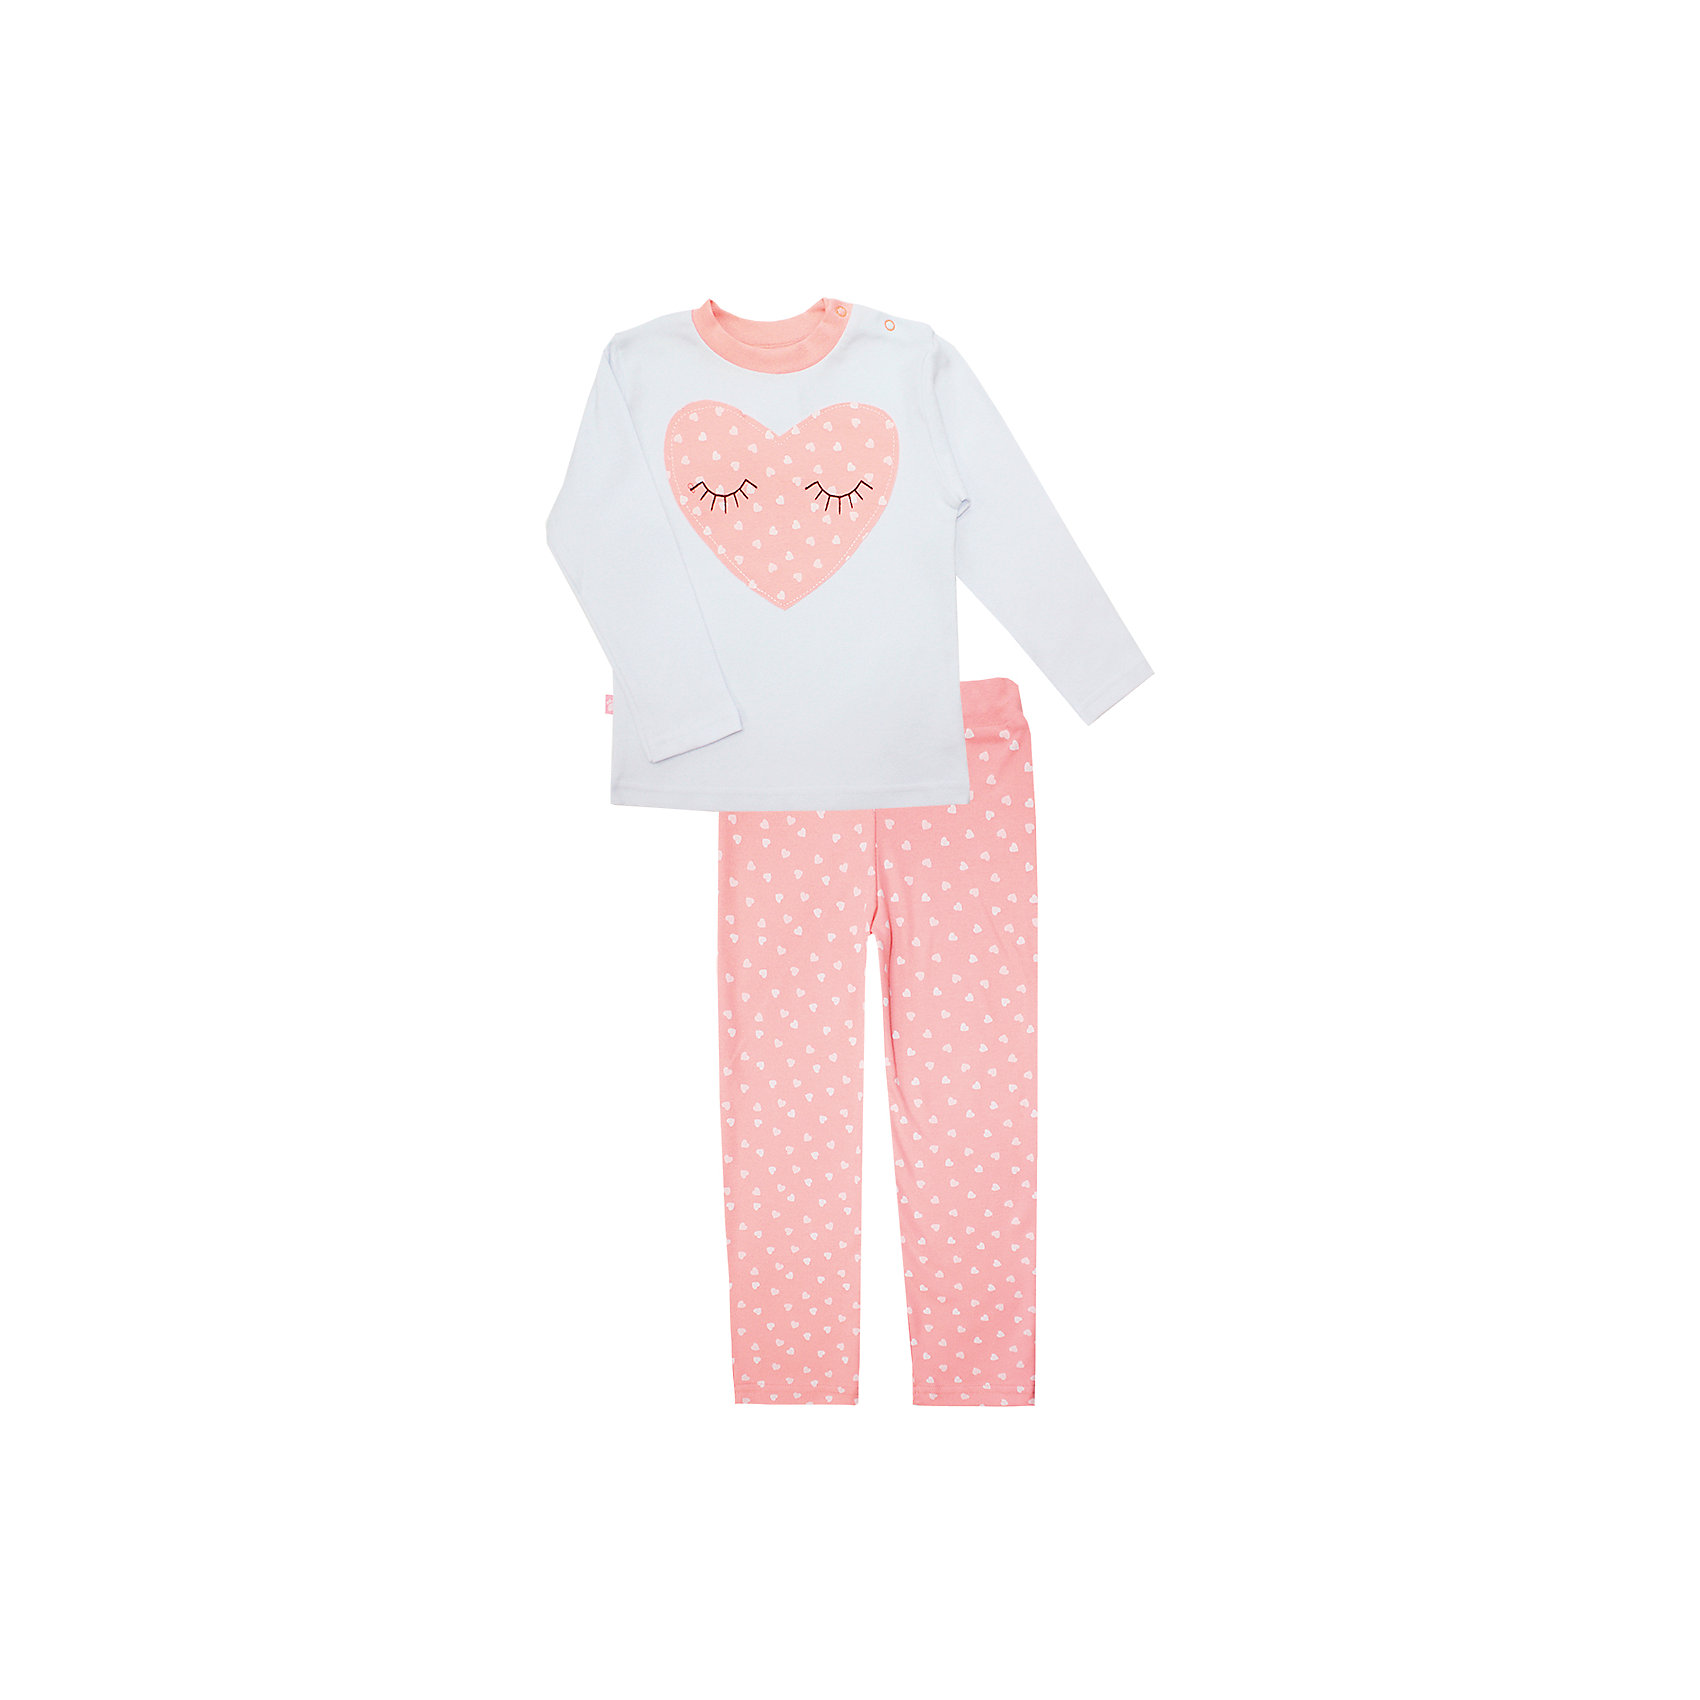 Пижама: футболка с длинным рукавом и штаны для девочки KotMarKotПижамы и сорочки<br>Пижама: футболка с длинным рукавом и штаны для девочки от известного бренда KotMarKot<br>Состав:<br>100% хлопок<br><br>Ширина мм: 281<br>Глубина мм: 70<br>Высота мм: 188<br>Вес г: 295<br>Цвет: розовый<br>Возраст от месяцев: 36<br>Возраст до месяцев: 48<br>Пол: Женский<br>Возраст: Детский<br>Размер: 104,134,116,128,110,122<br>SKU: 4873334